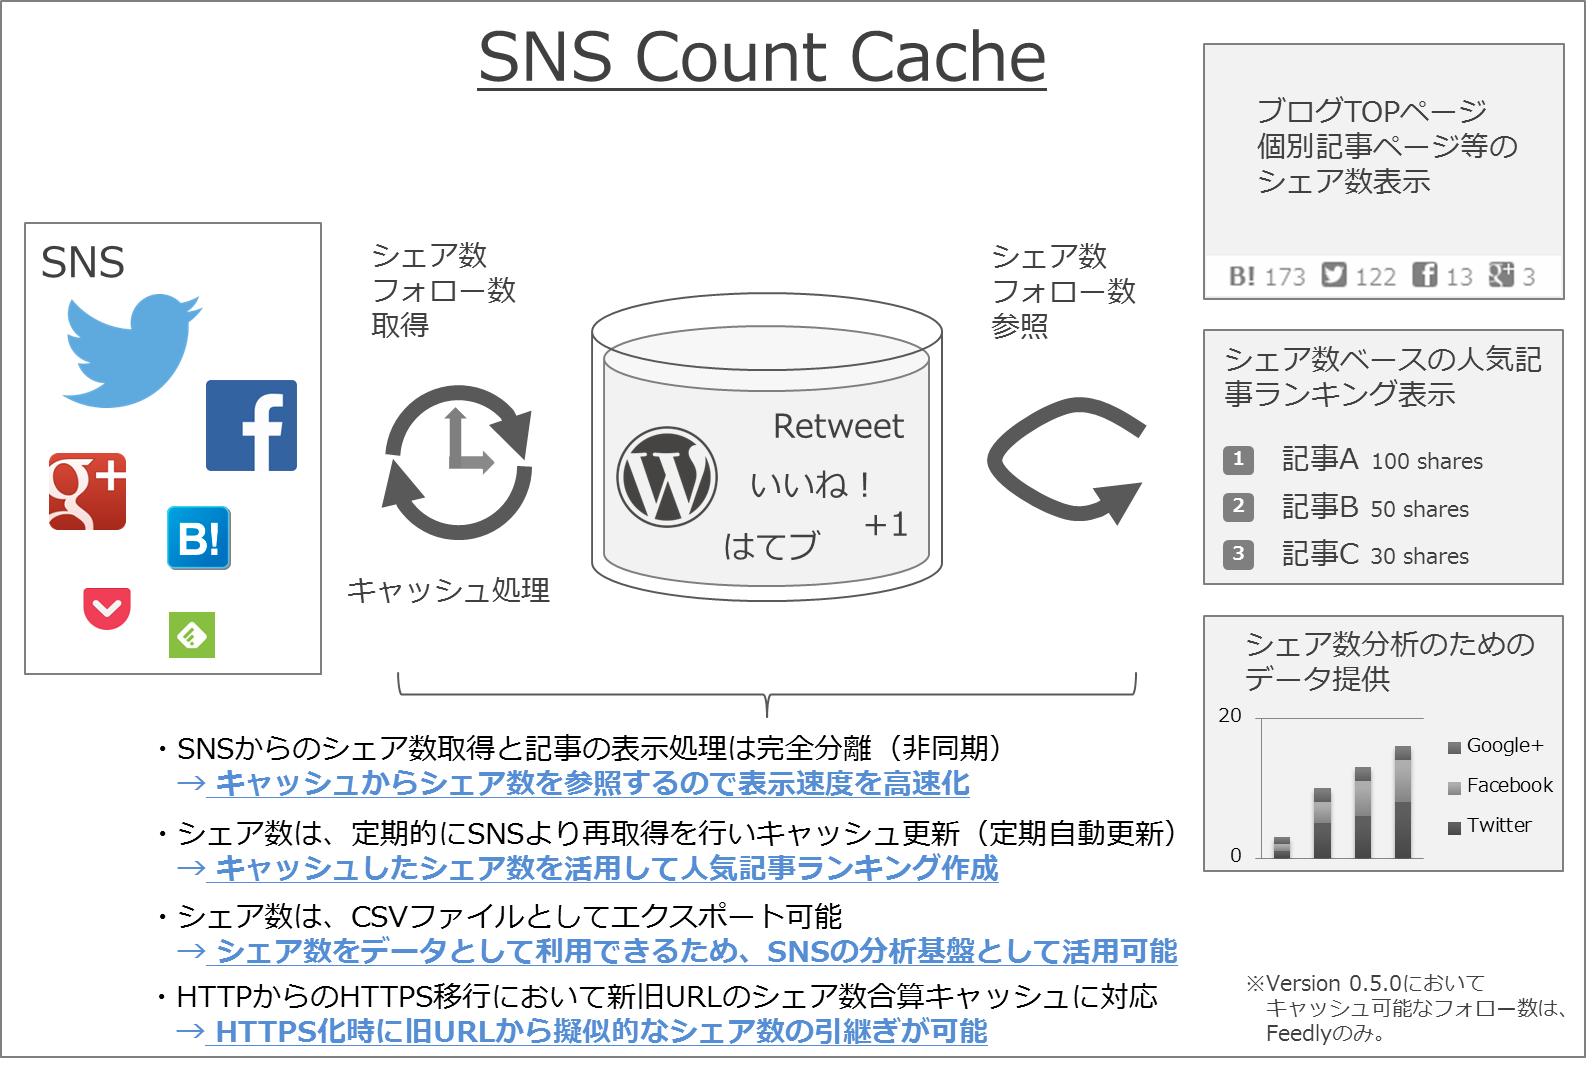 [試] HTTPからHTTPSのシェア数引継ぎにもWordPressプラグイン SNS Count Cache